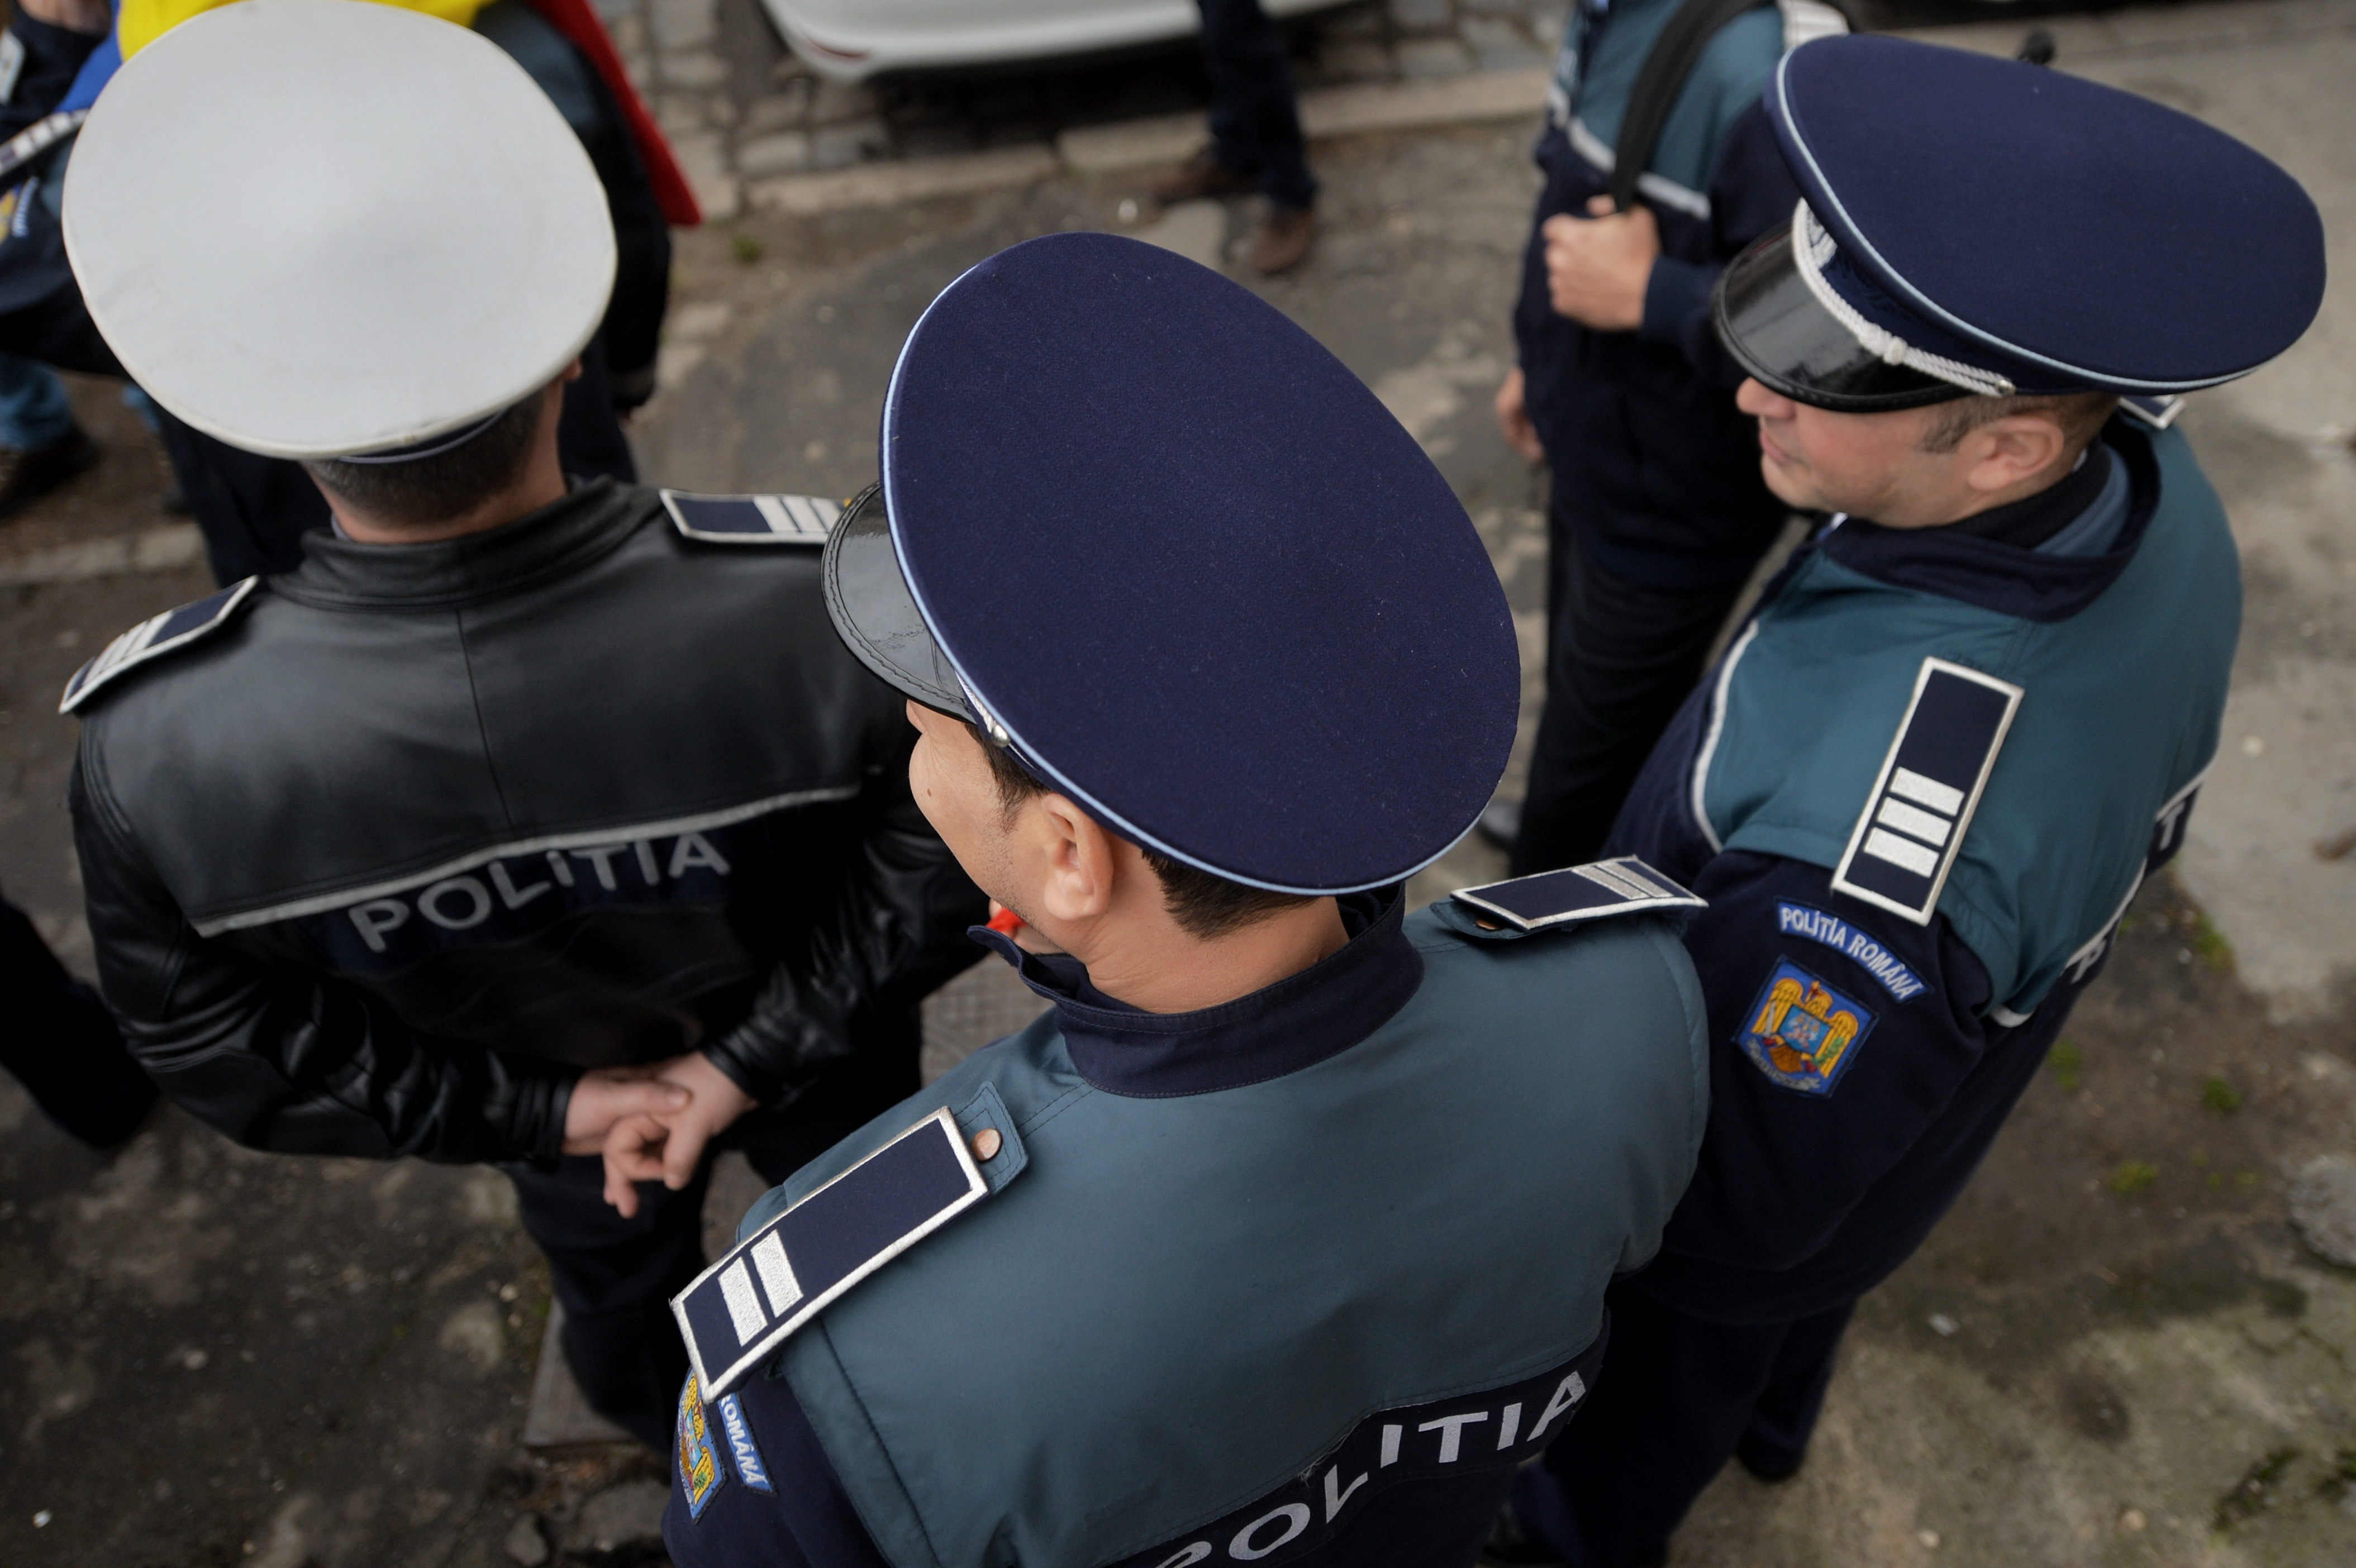 Poliţiştii nu mai vor să fie fotografiaţi, iar apoi imaginile cu ei să ajungă pe Facebook. Sindicaliştii propun noi prevederi în statutul poliţistului